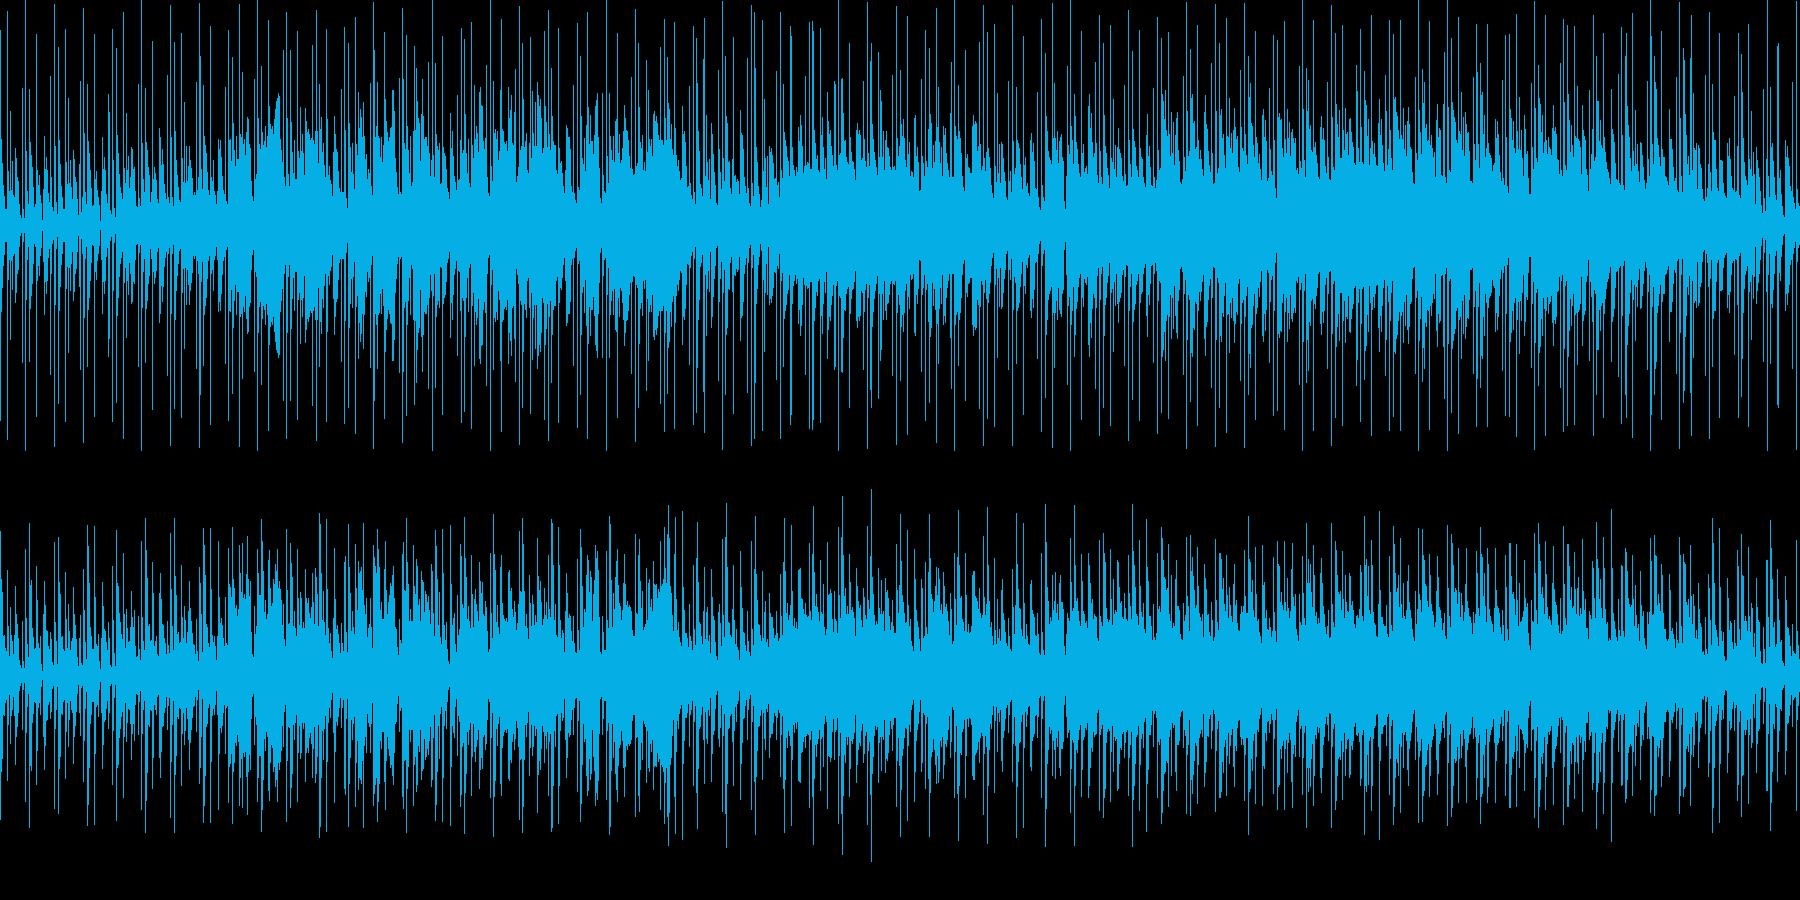 民族楽器を軸にゆったりとしたループ曲の再生済みの波形